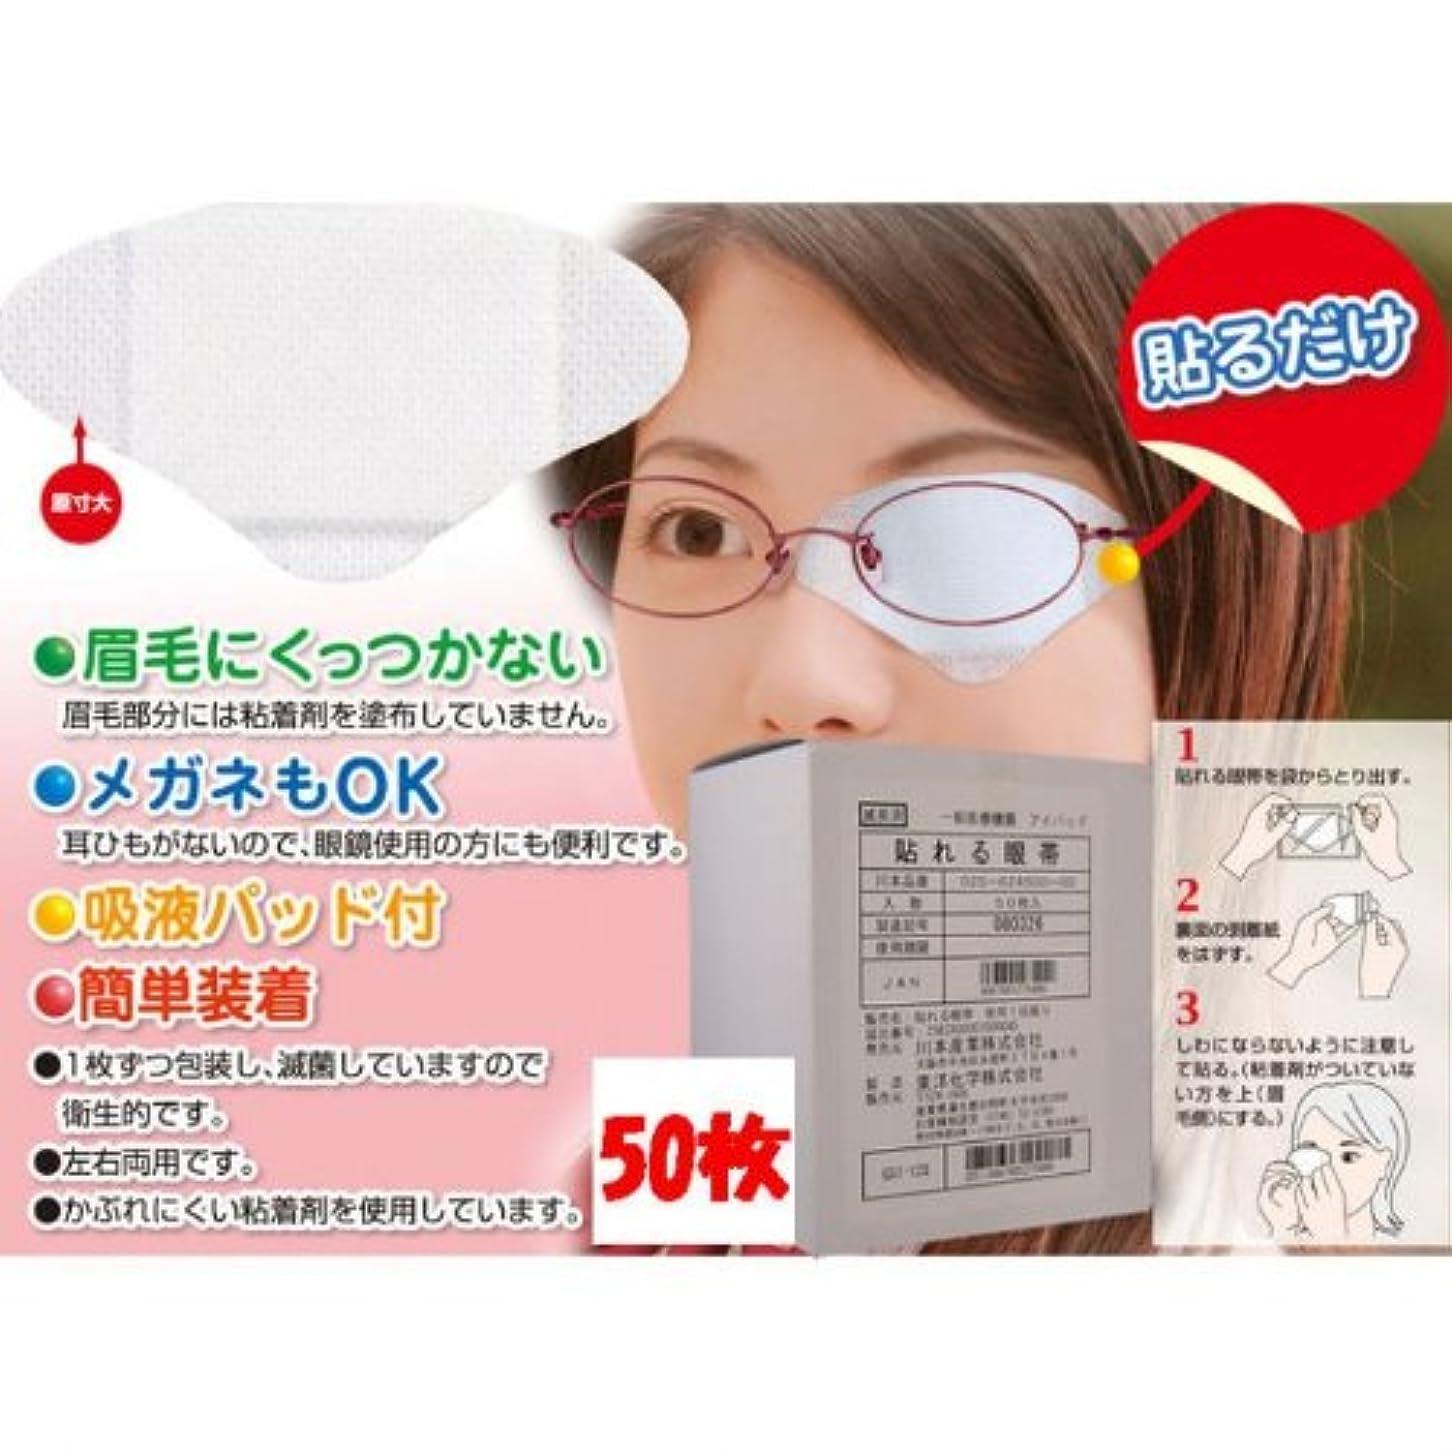 無意識トランペット軸眉毛にくっつかない!メガネもOK!耳ひもがないので、眼鏡使用の方にも便利!眉毛部分には粘着剤を塗布していません!貼れる眼帯 50枚入